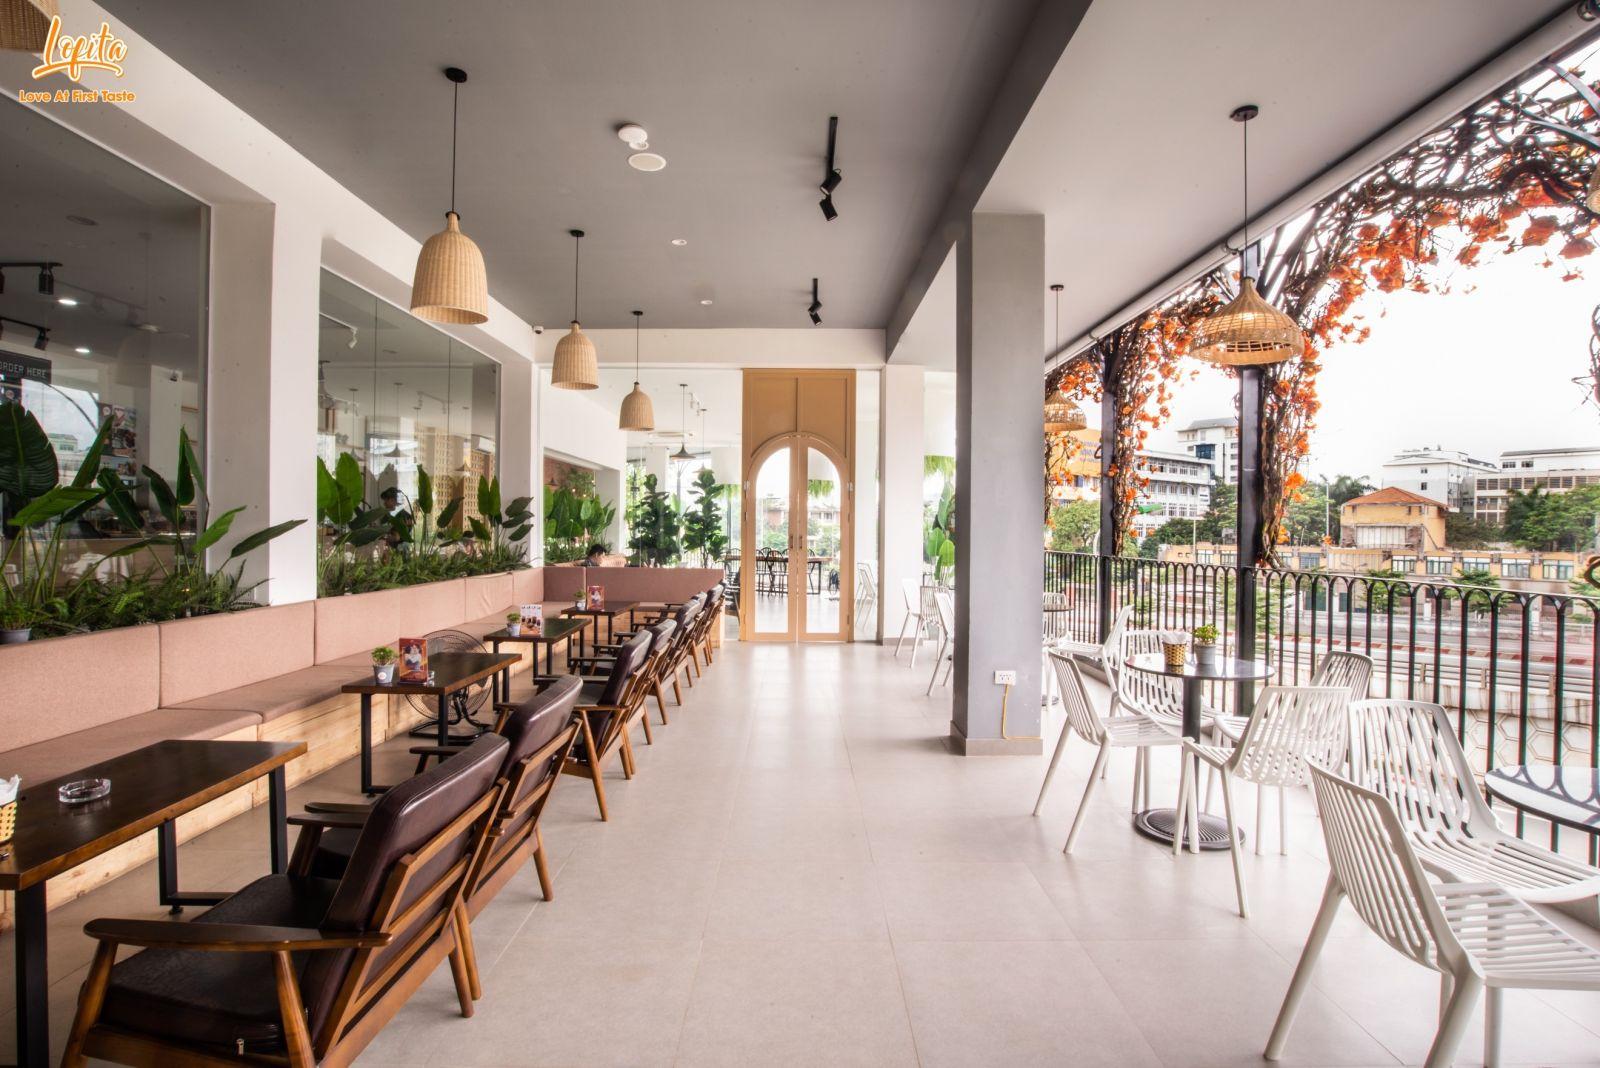 Điểm danh 5 quán cafe ngon view đẹp đáng đến ở huyện Gia Lâm, Hà Nội